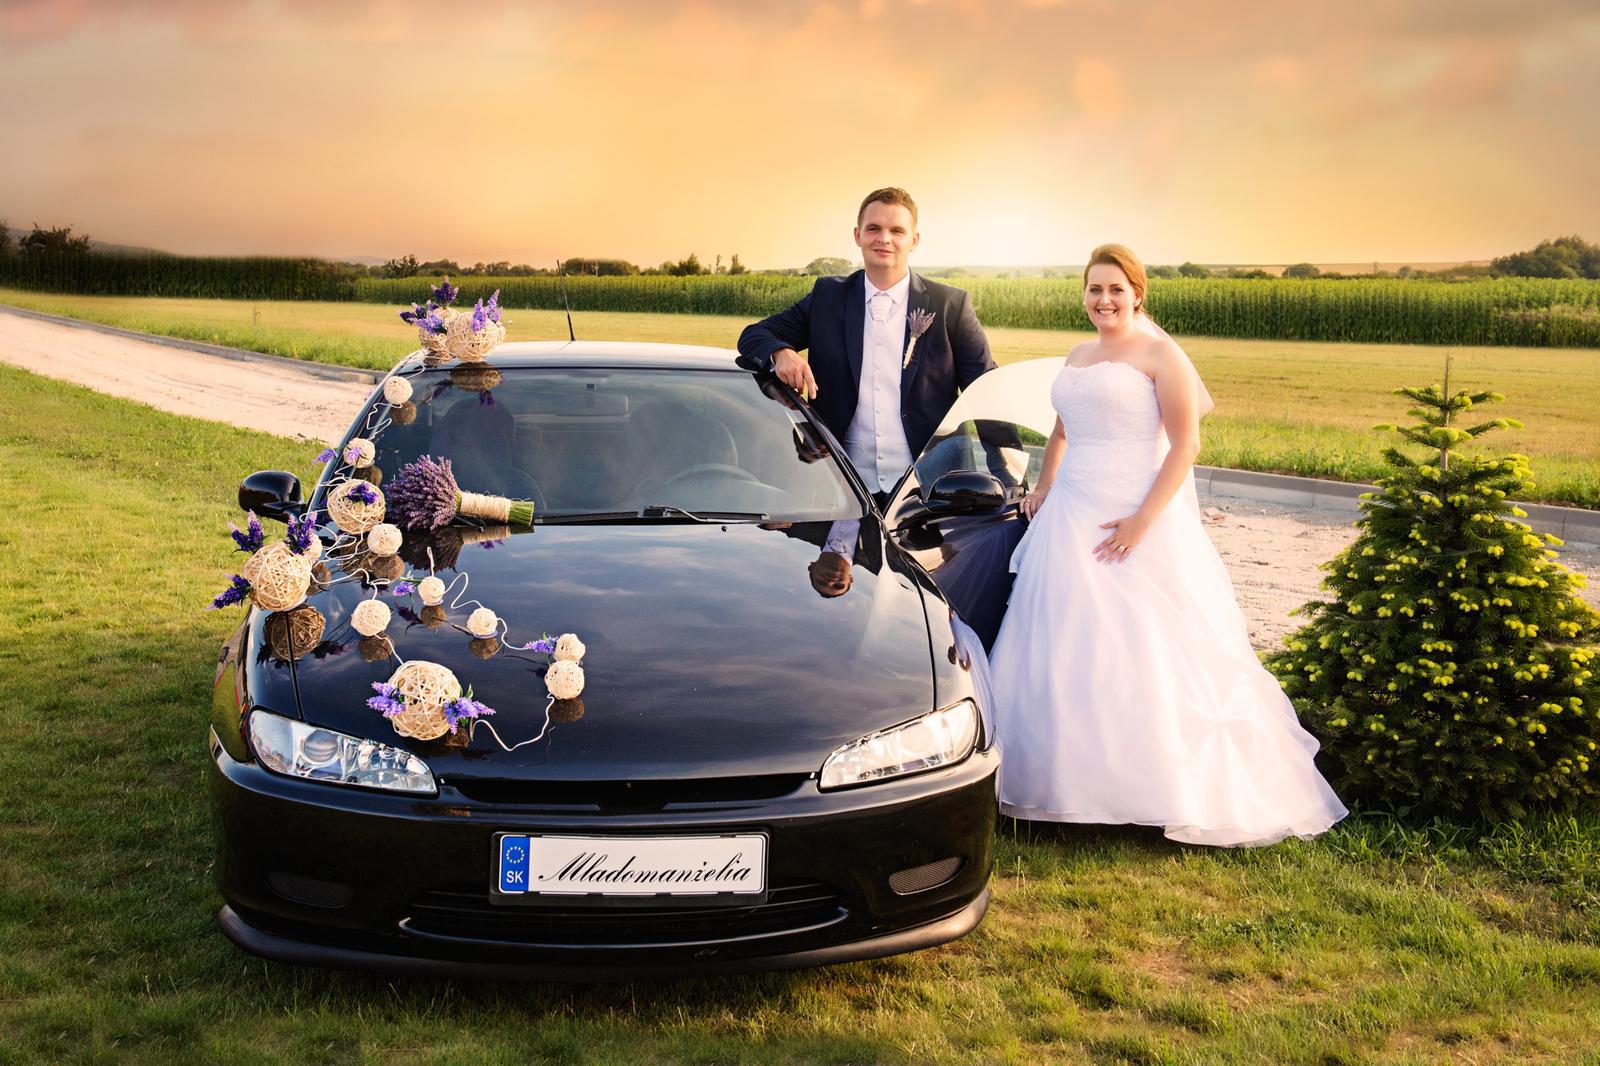 Miriama{{_AND_}}Marek - Dekorácia na aute sa nám troška pokazila lebo ženích neodolal plynovému pedálu :)